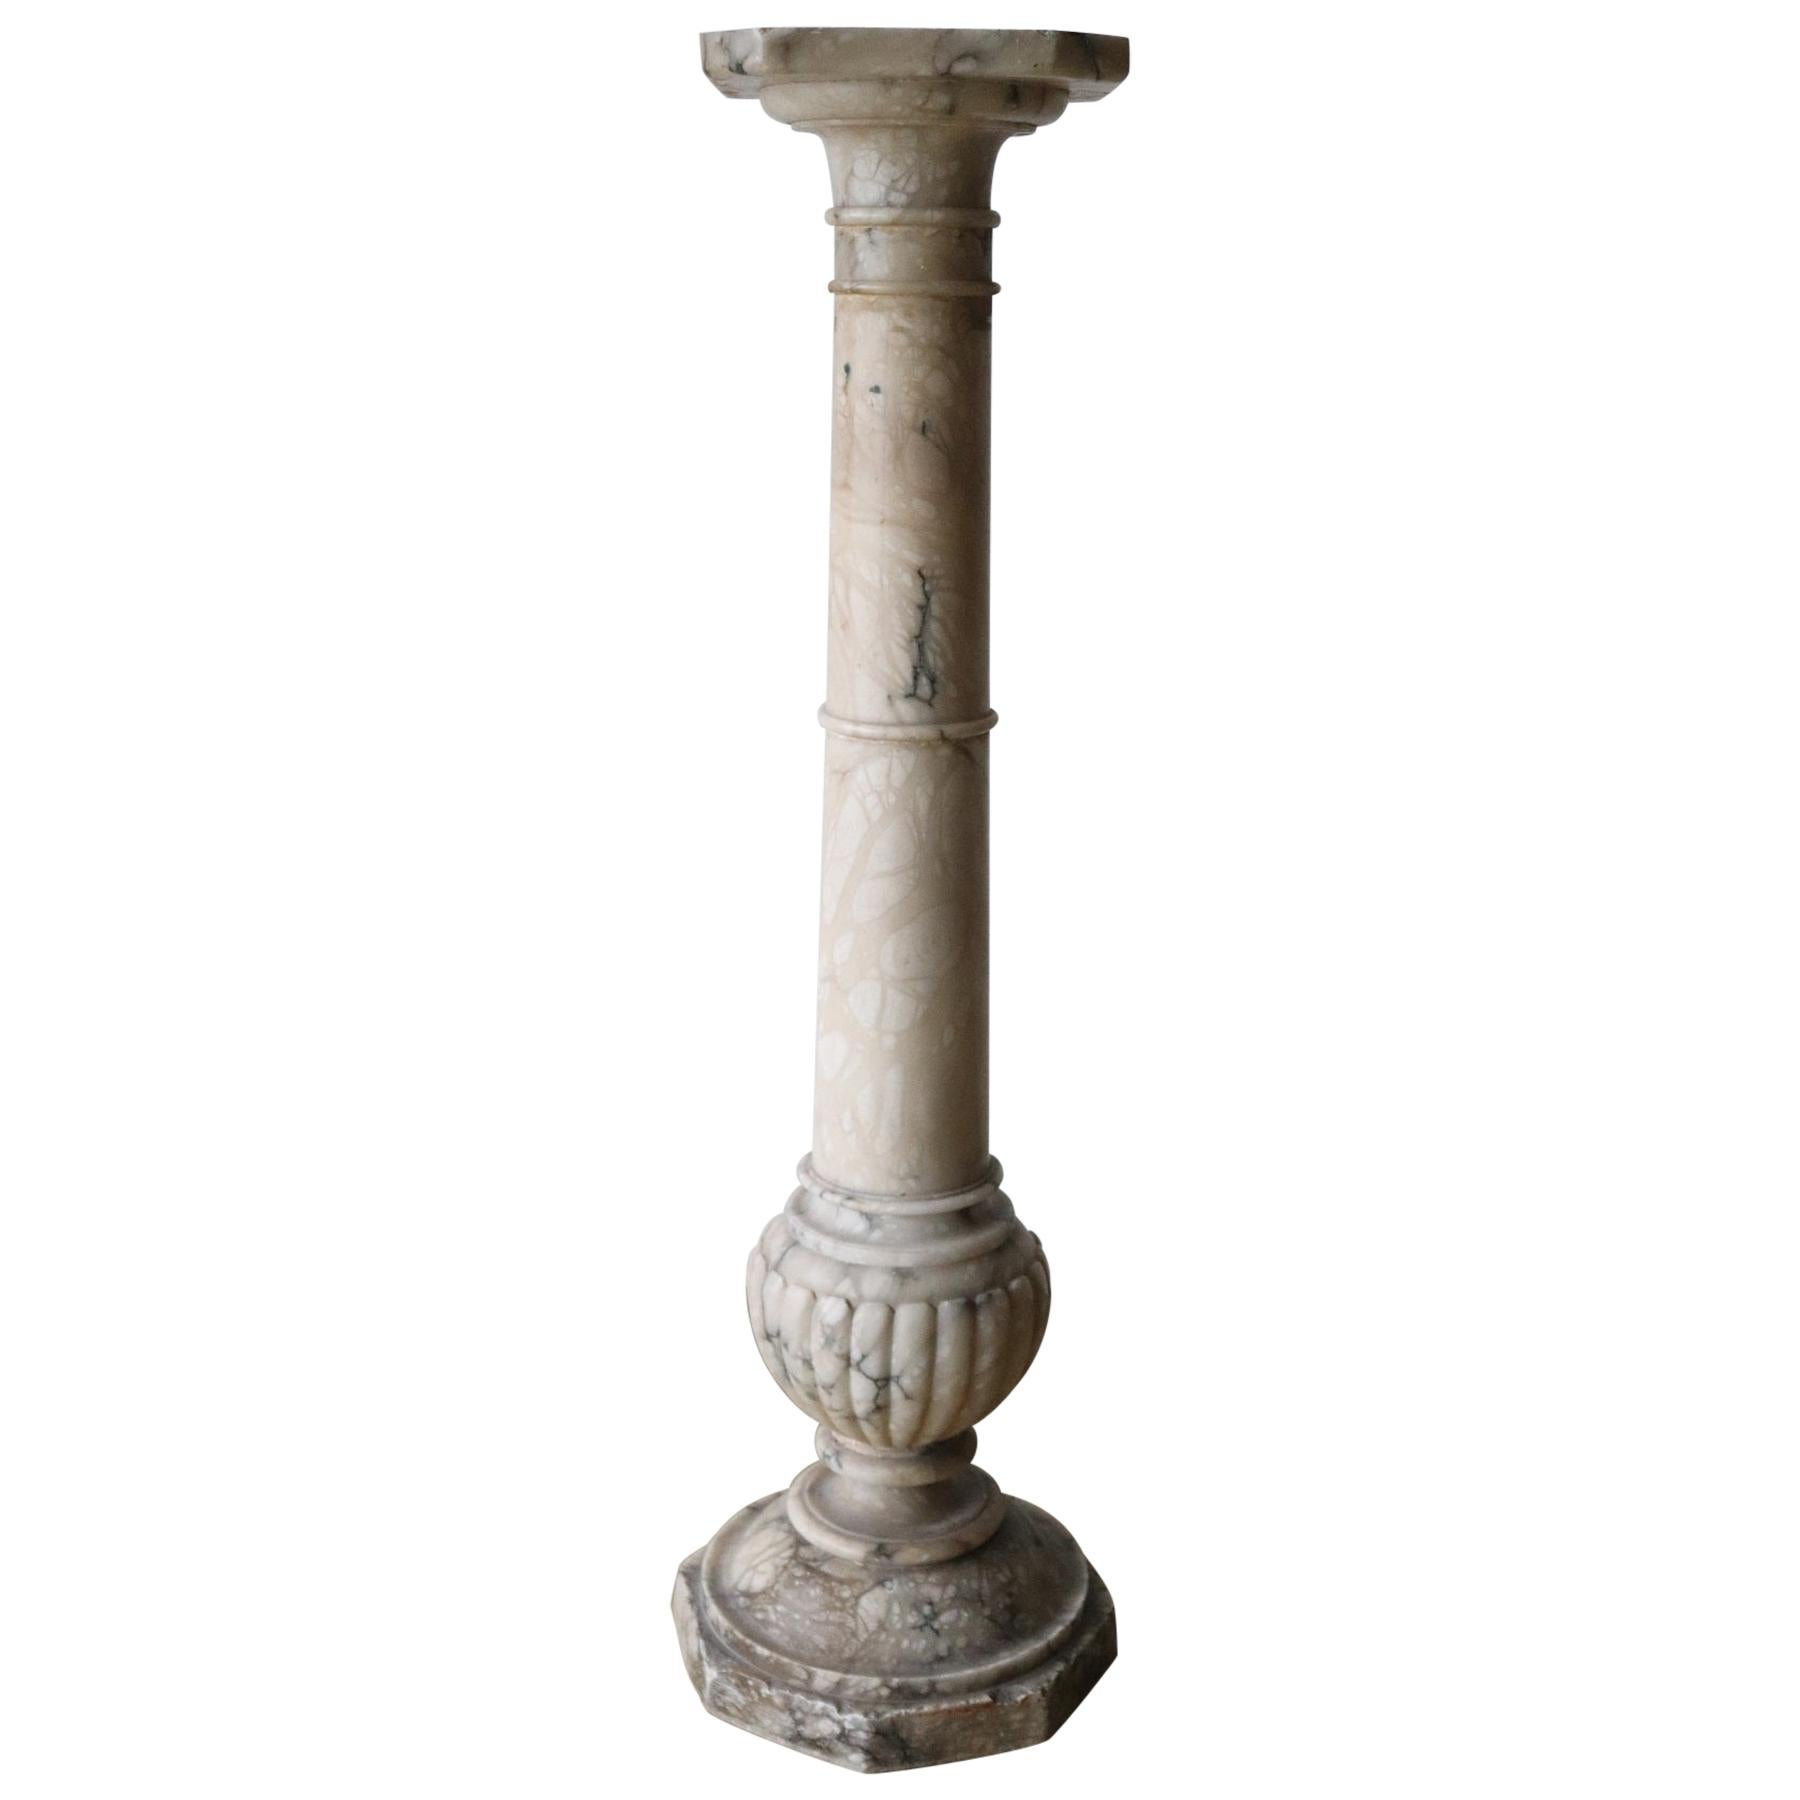 19th Century Italian Antique Column in Carrara Marble